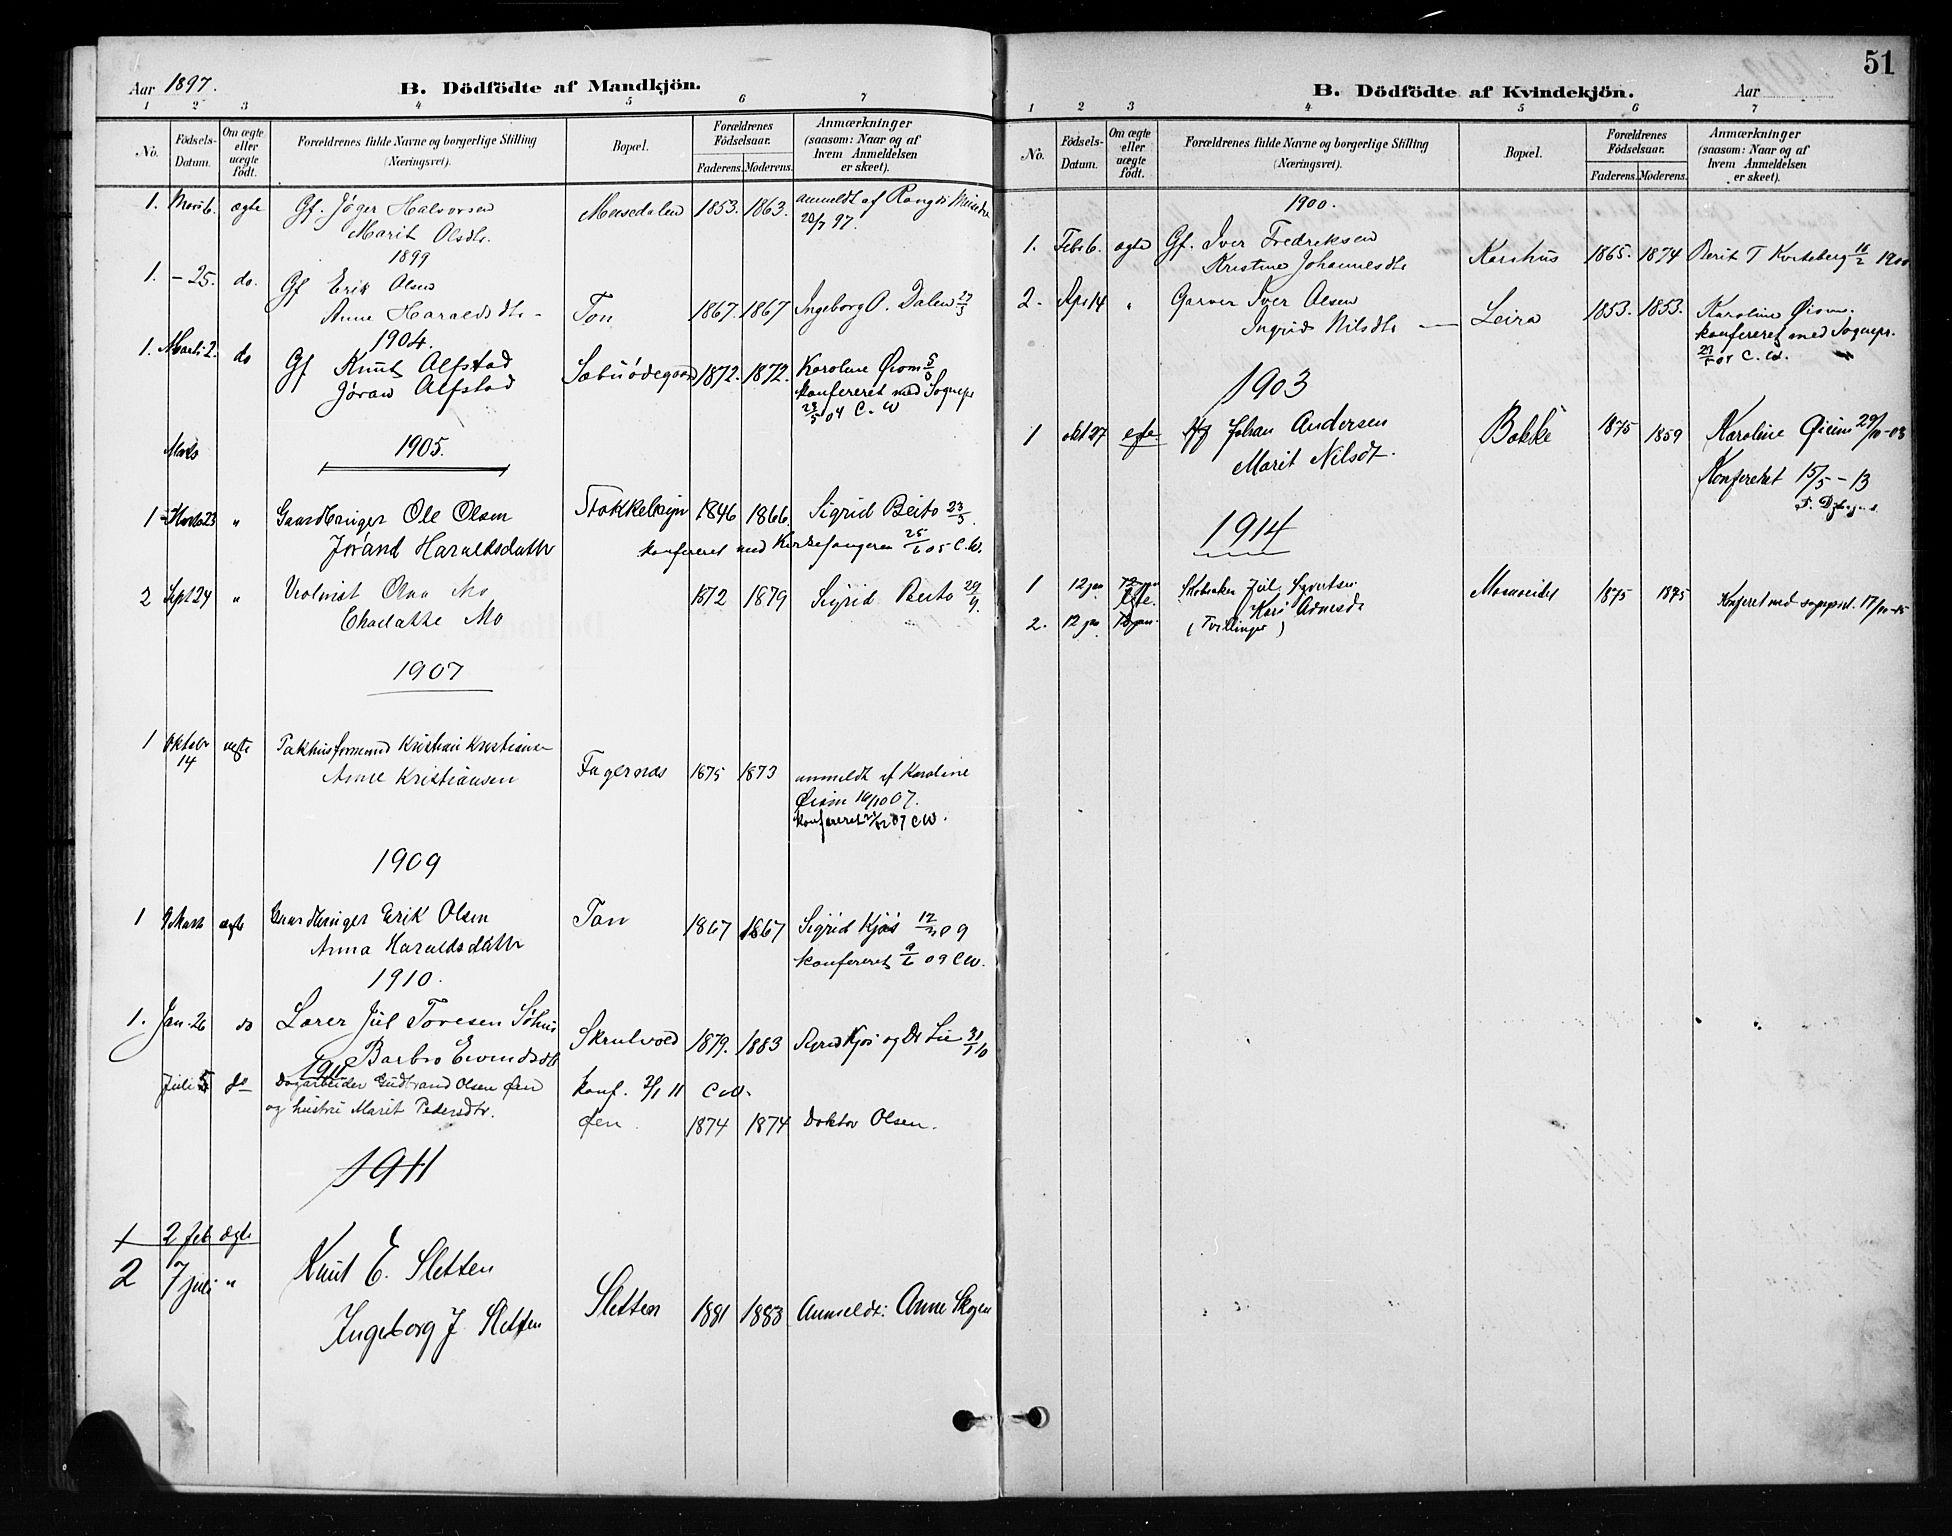 SAH, Nord-Aurdal prestekontor, Klokkerbok nr. 11, 1897-1918, s. 51